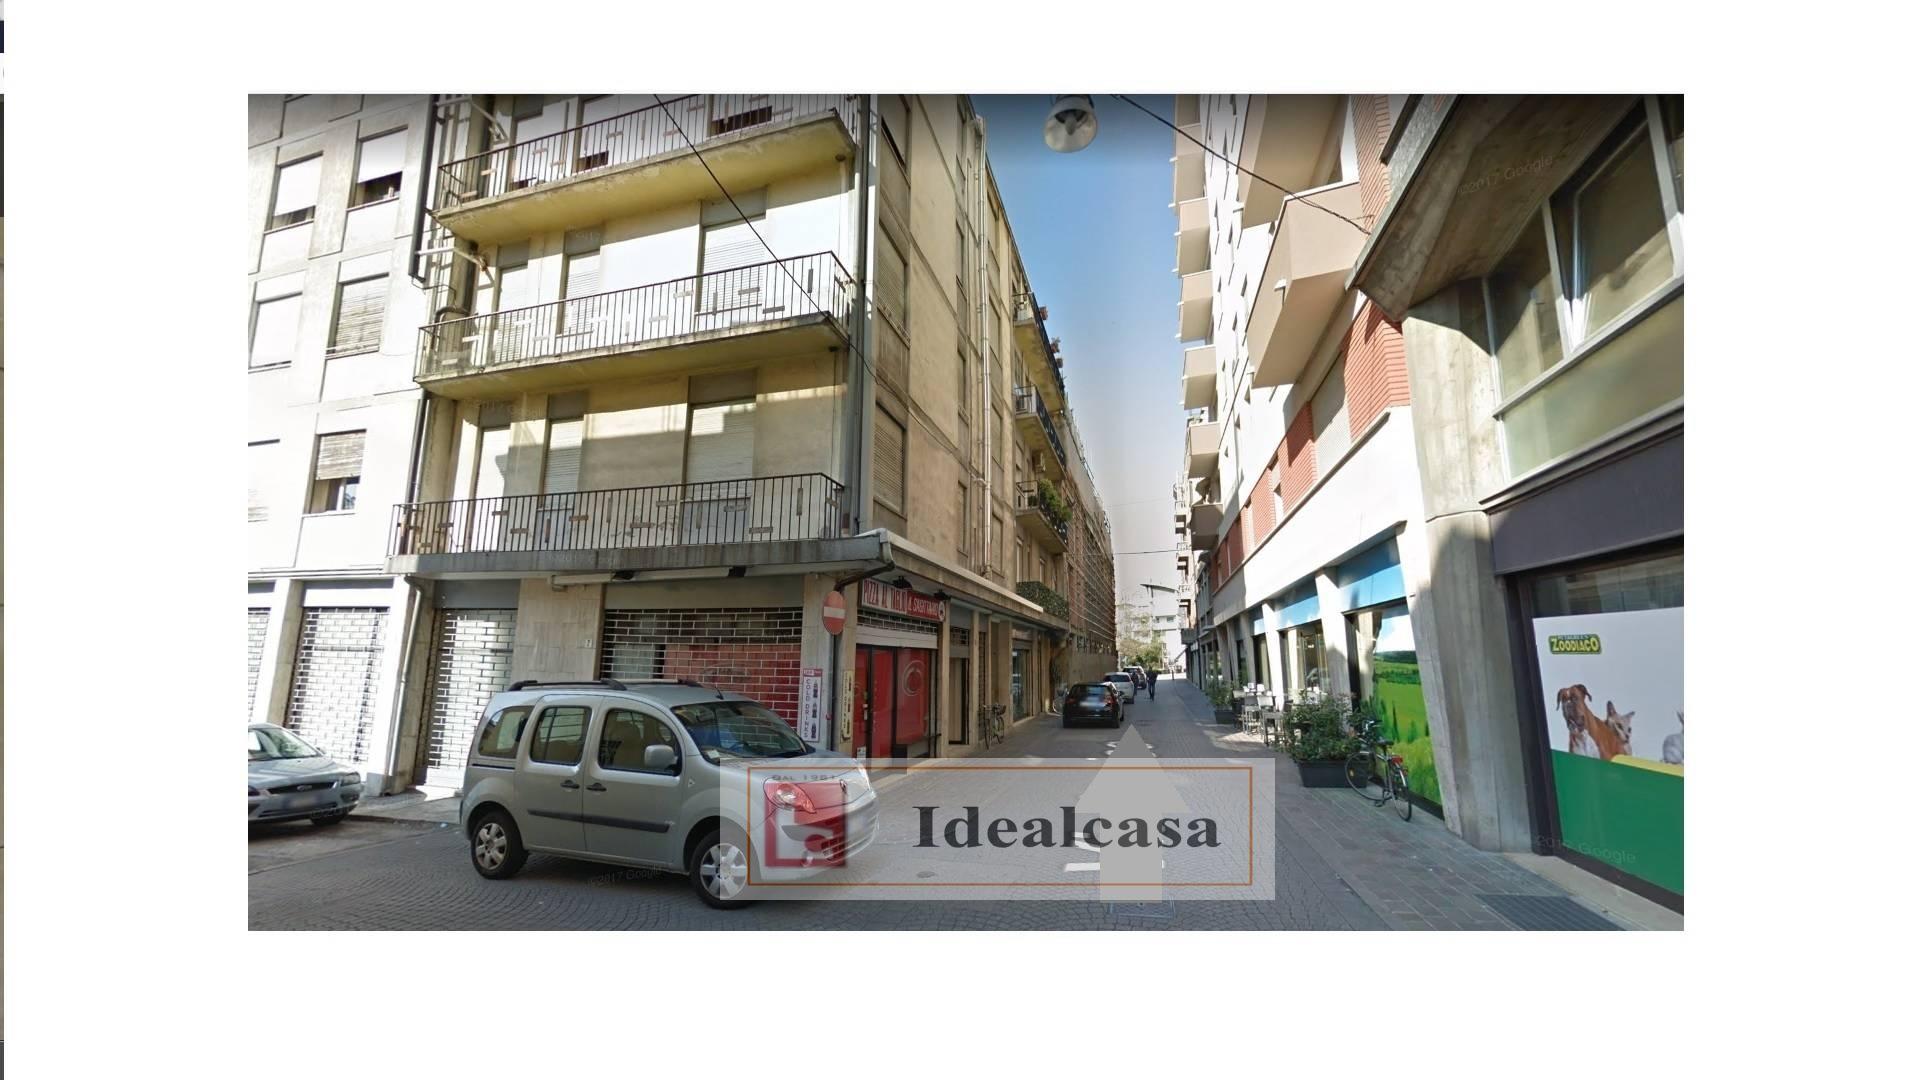 Ufficio Rovigo : Studio ufficio in vendita a rovigo cod. 407